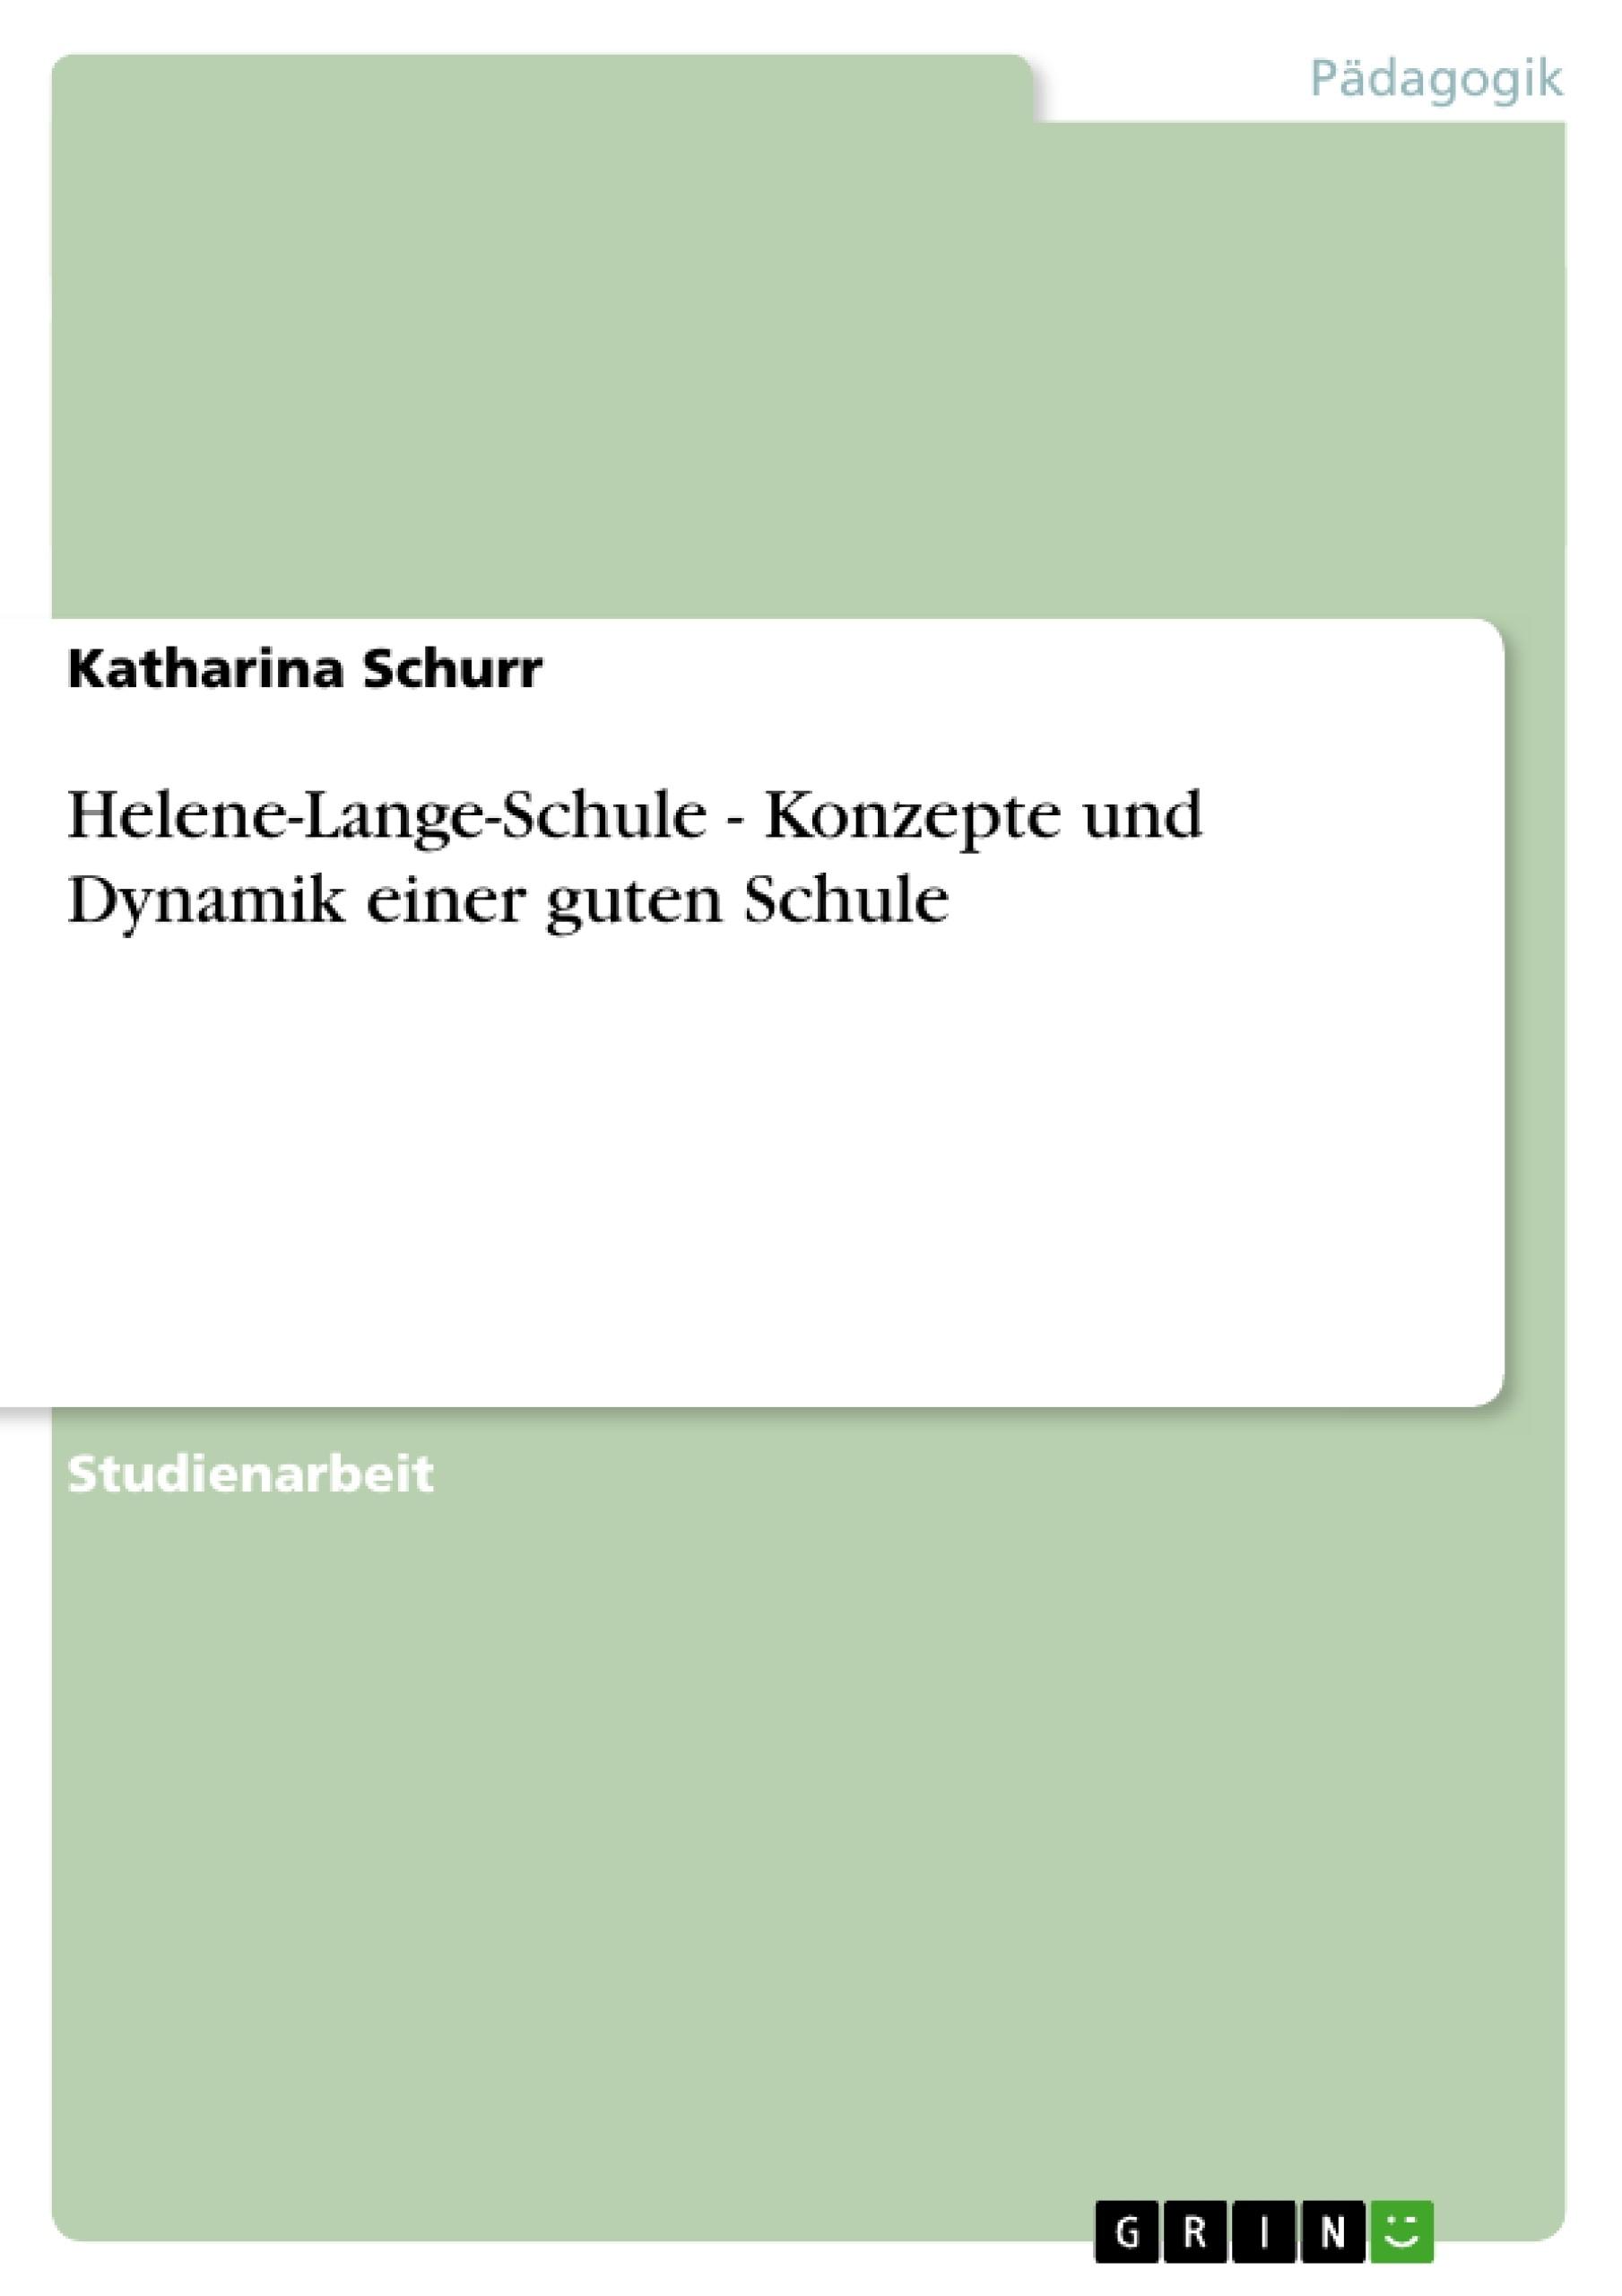 Titel: Helene-Lange-Schule - Konzepte und Dynamik einer guten Schule